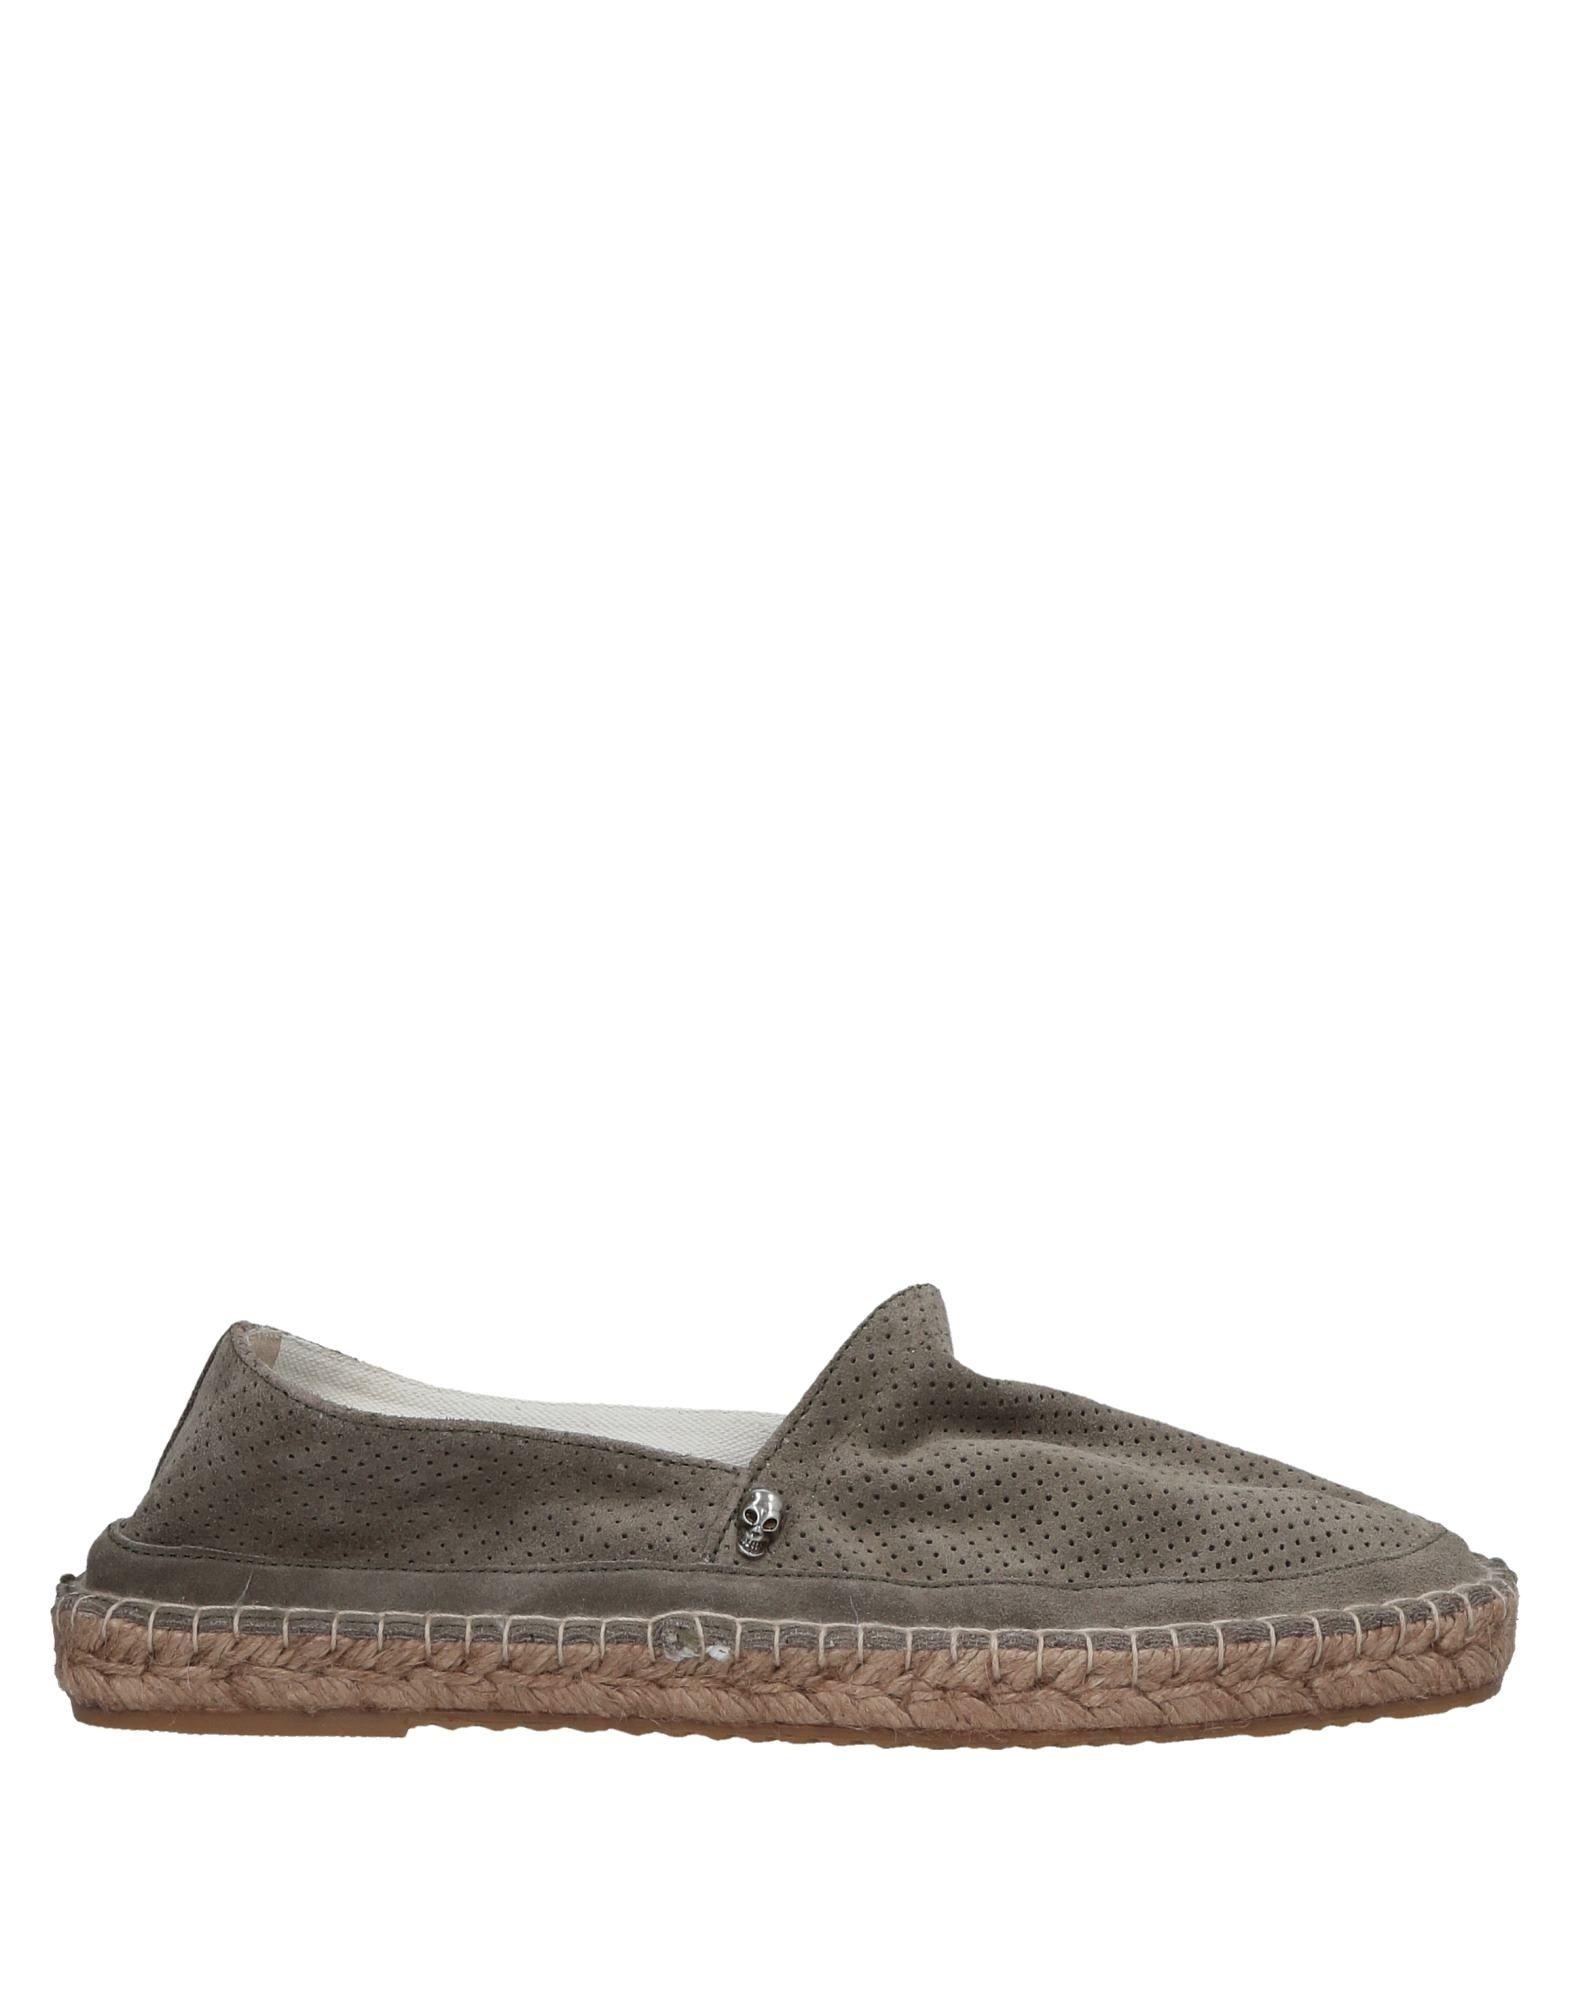 Daniele Alessandrini Espadrilles Herren  11140118MR Gute Qualität beliebte Schuhe